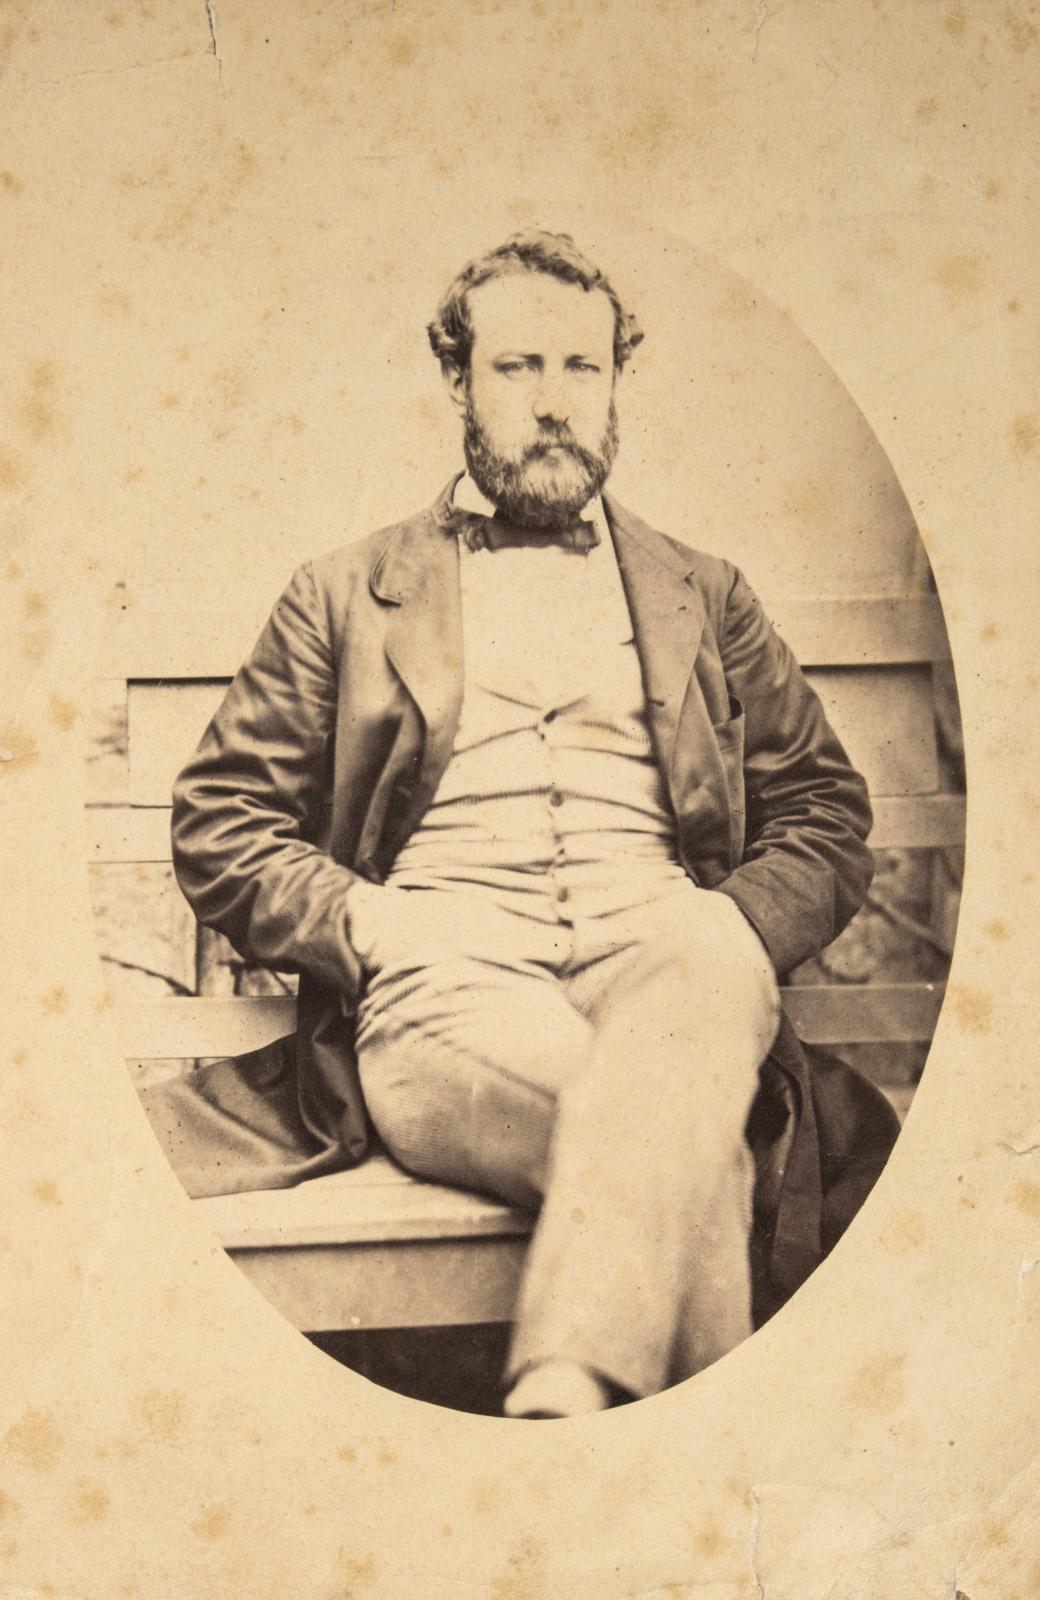 Anonyme, Jules Verne vers 1856, tirage original sur papier ciré, 15x10cm. Estimation: 1500/2000€